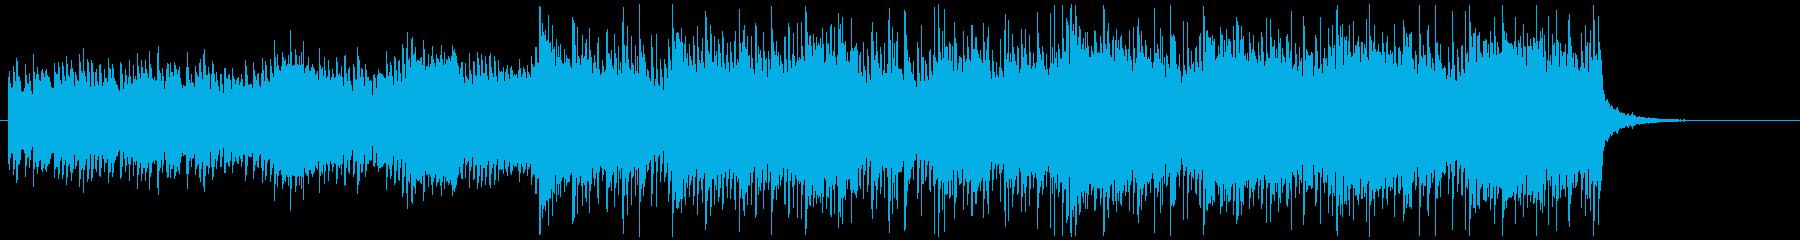 ハイブリッドシネマティック/イントロの再生済みの波形